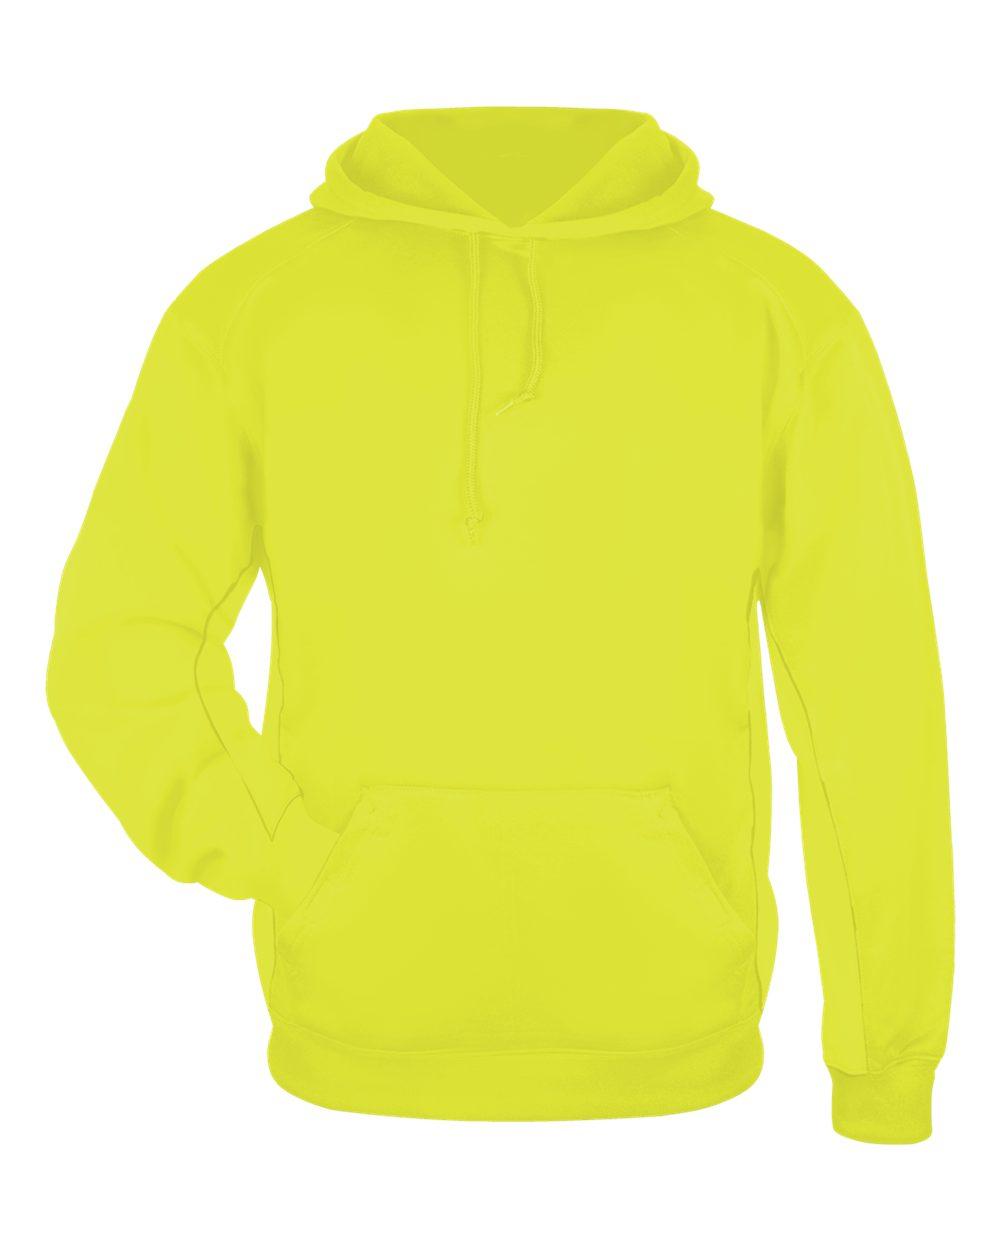 Perf. Fleece Hood - Safety Yellow